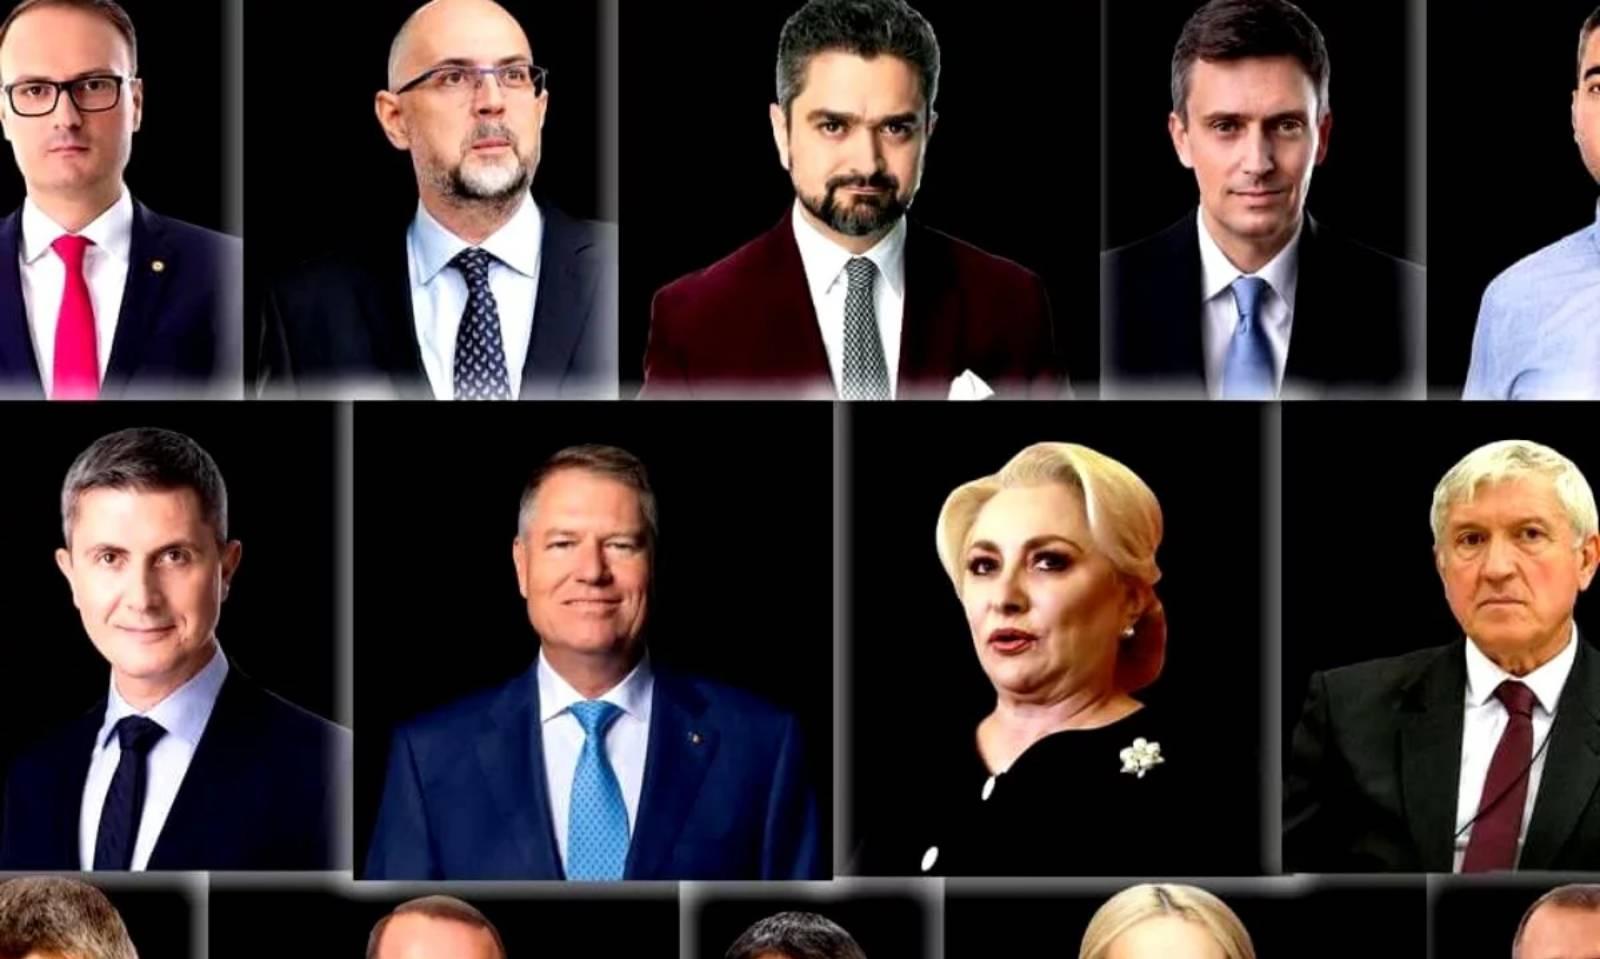 ALEGERI PREZIDENTIALE 2019 LIVE PREZENTA LA VOT IN ROMANIA